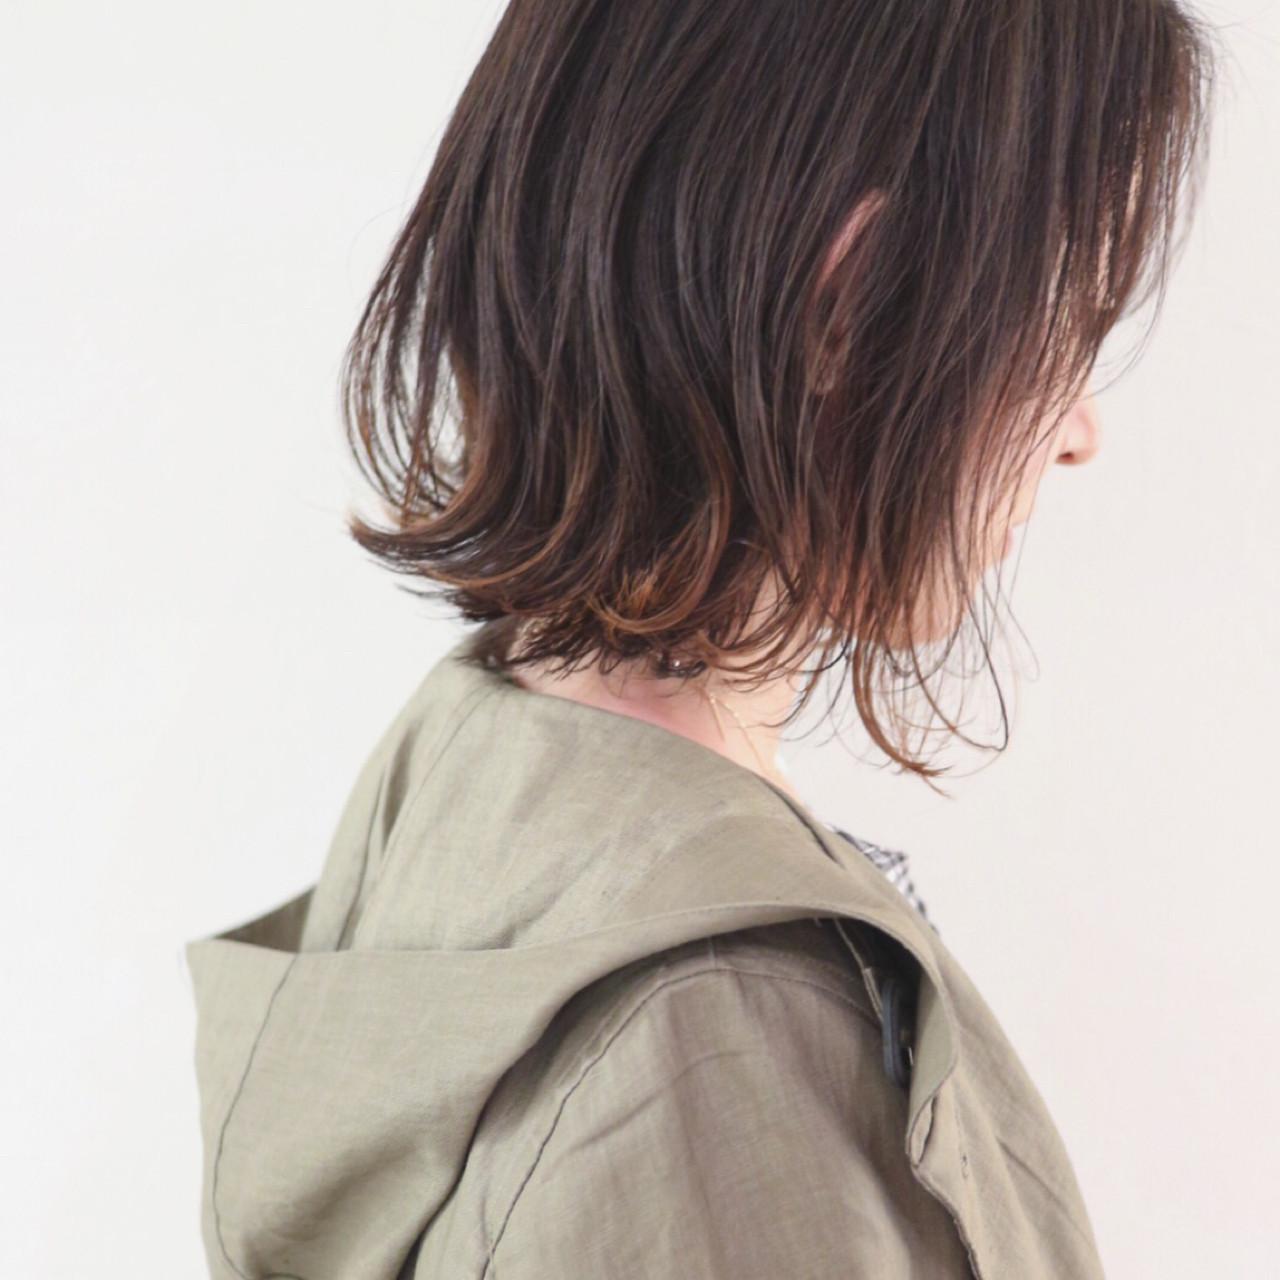 インナーカラー ハイライト ボブ グラデーションカラーヘアスタイルや髪型の写真・画像